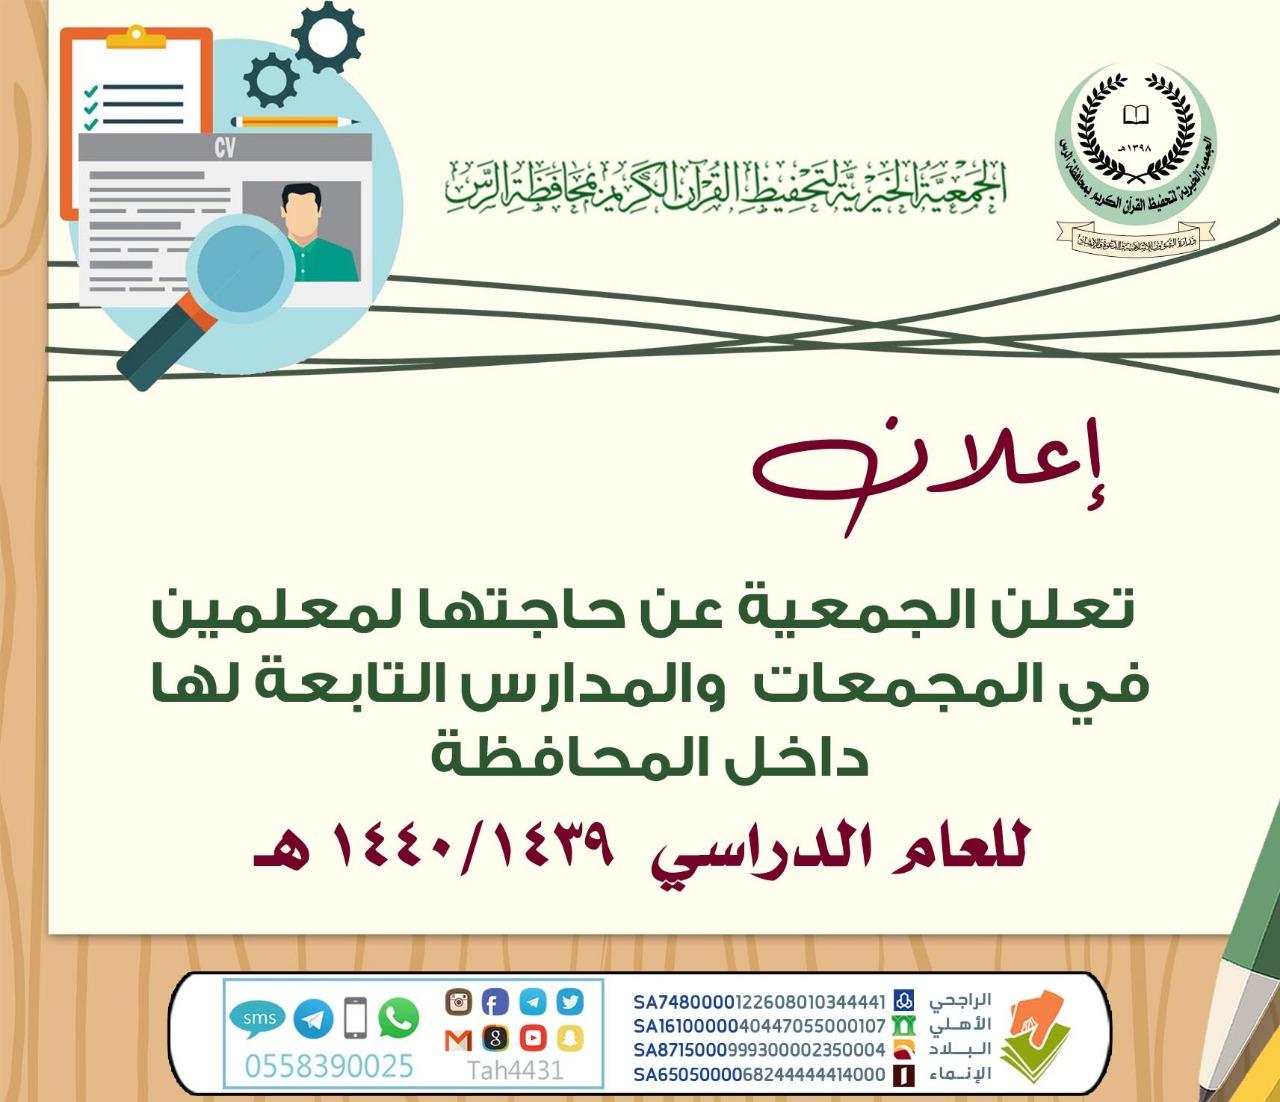 تعلن الجمعية عن حاجتها لمعلمين في المجمعات والمدارس التابعة لها داخل المحافظة